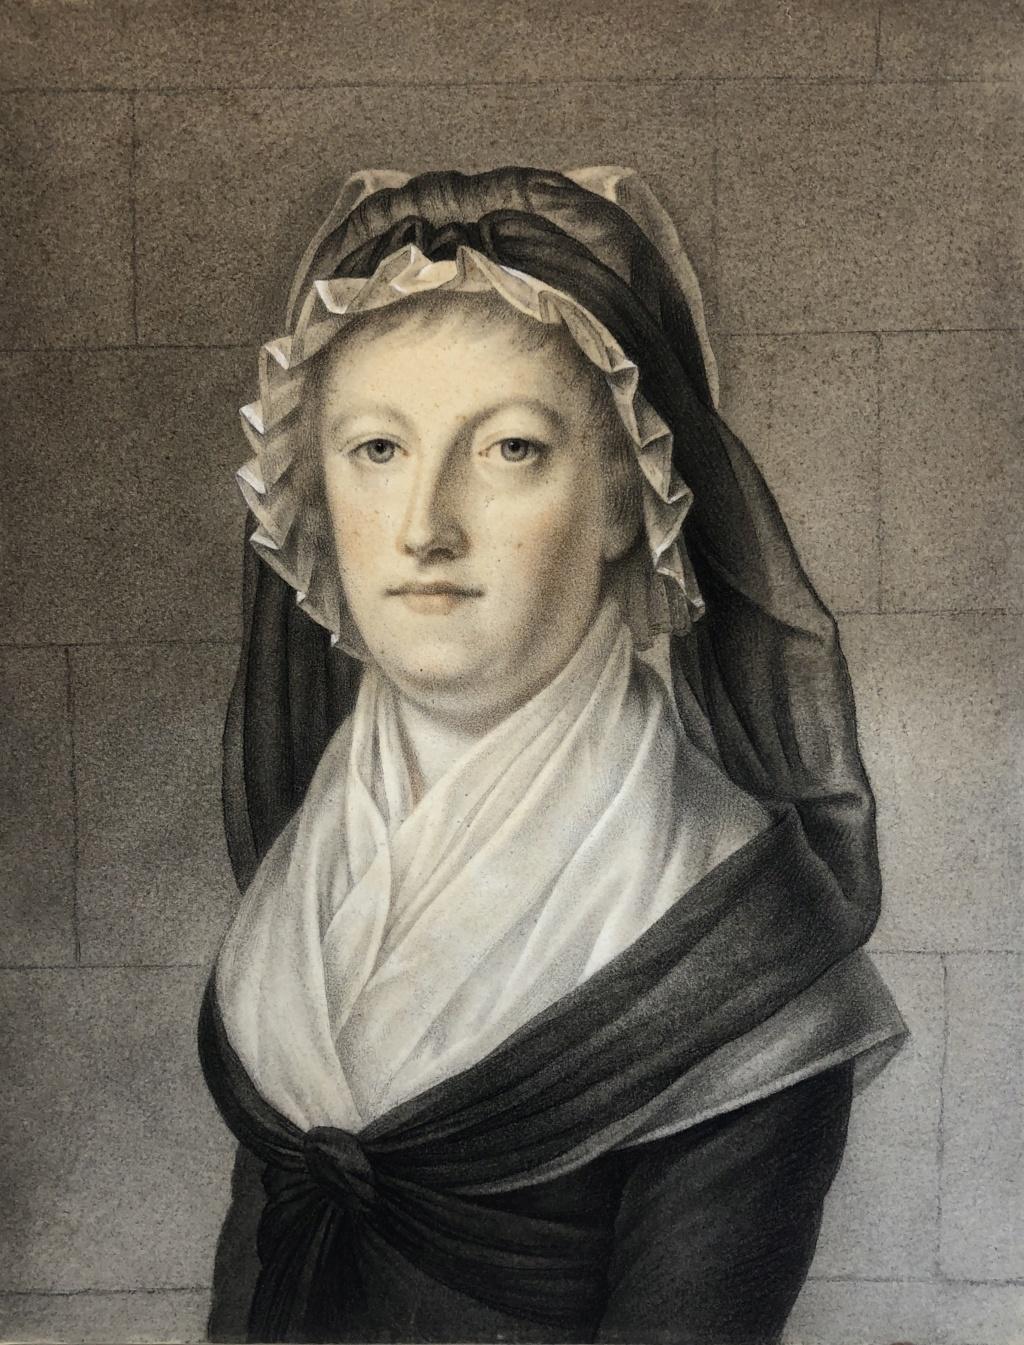 L'exécution de Marie-Antoinette le 16 octobre 1793 - Page 5 Img_3511